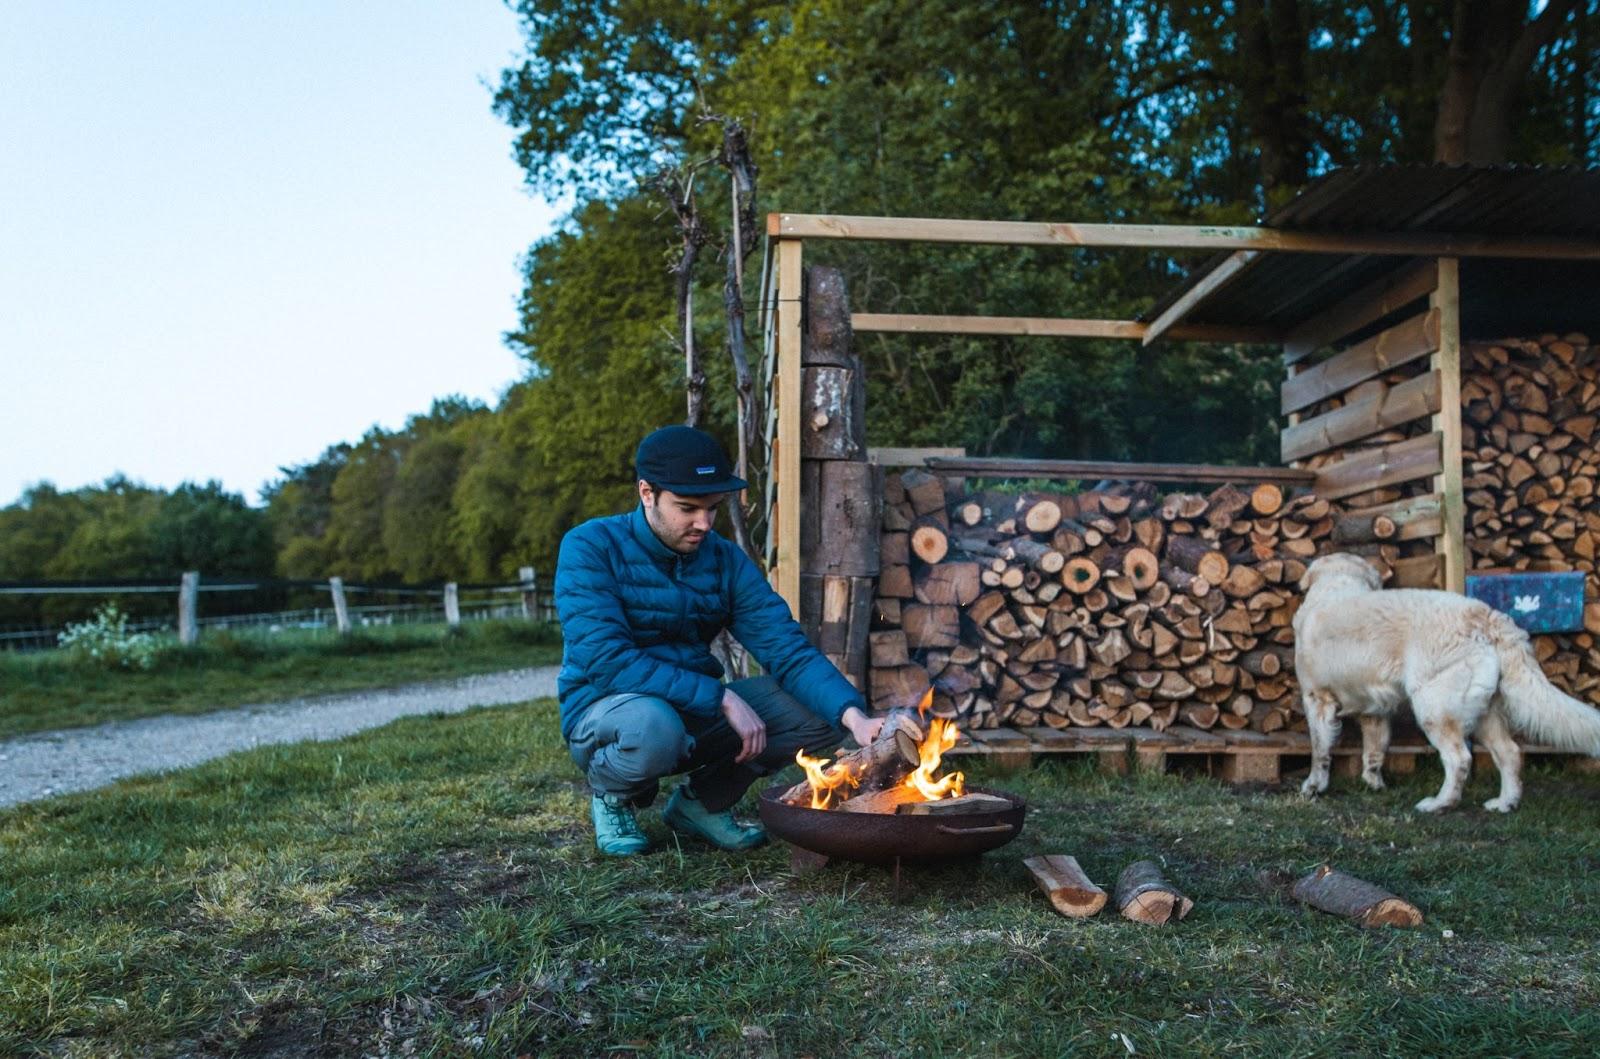 Man lighting fire outdoor life hacks Campspace